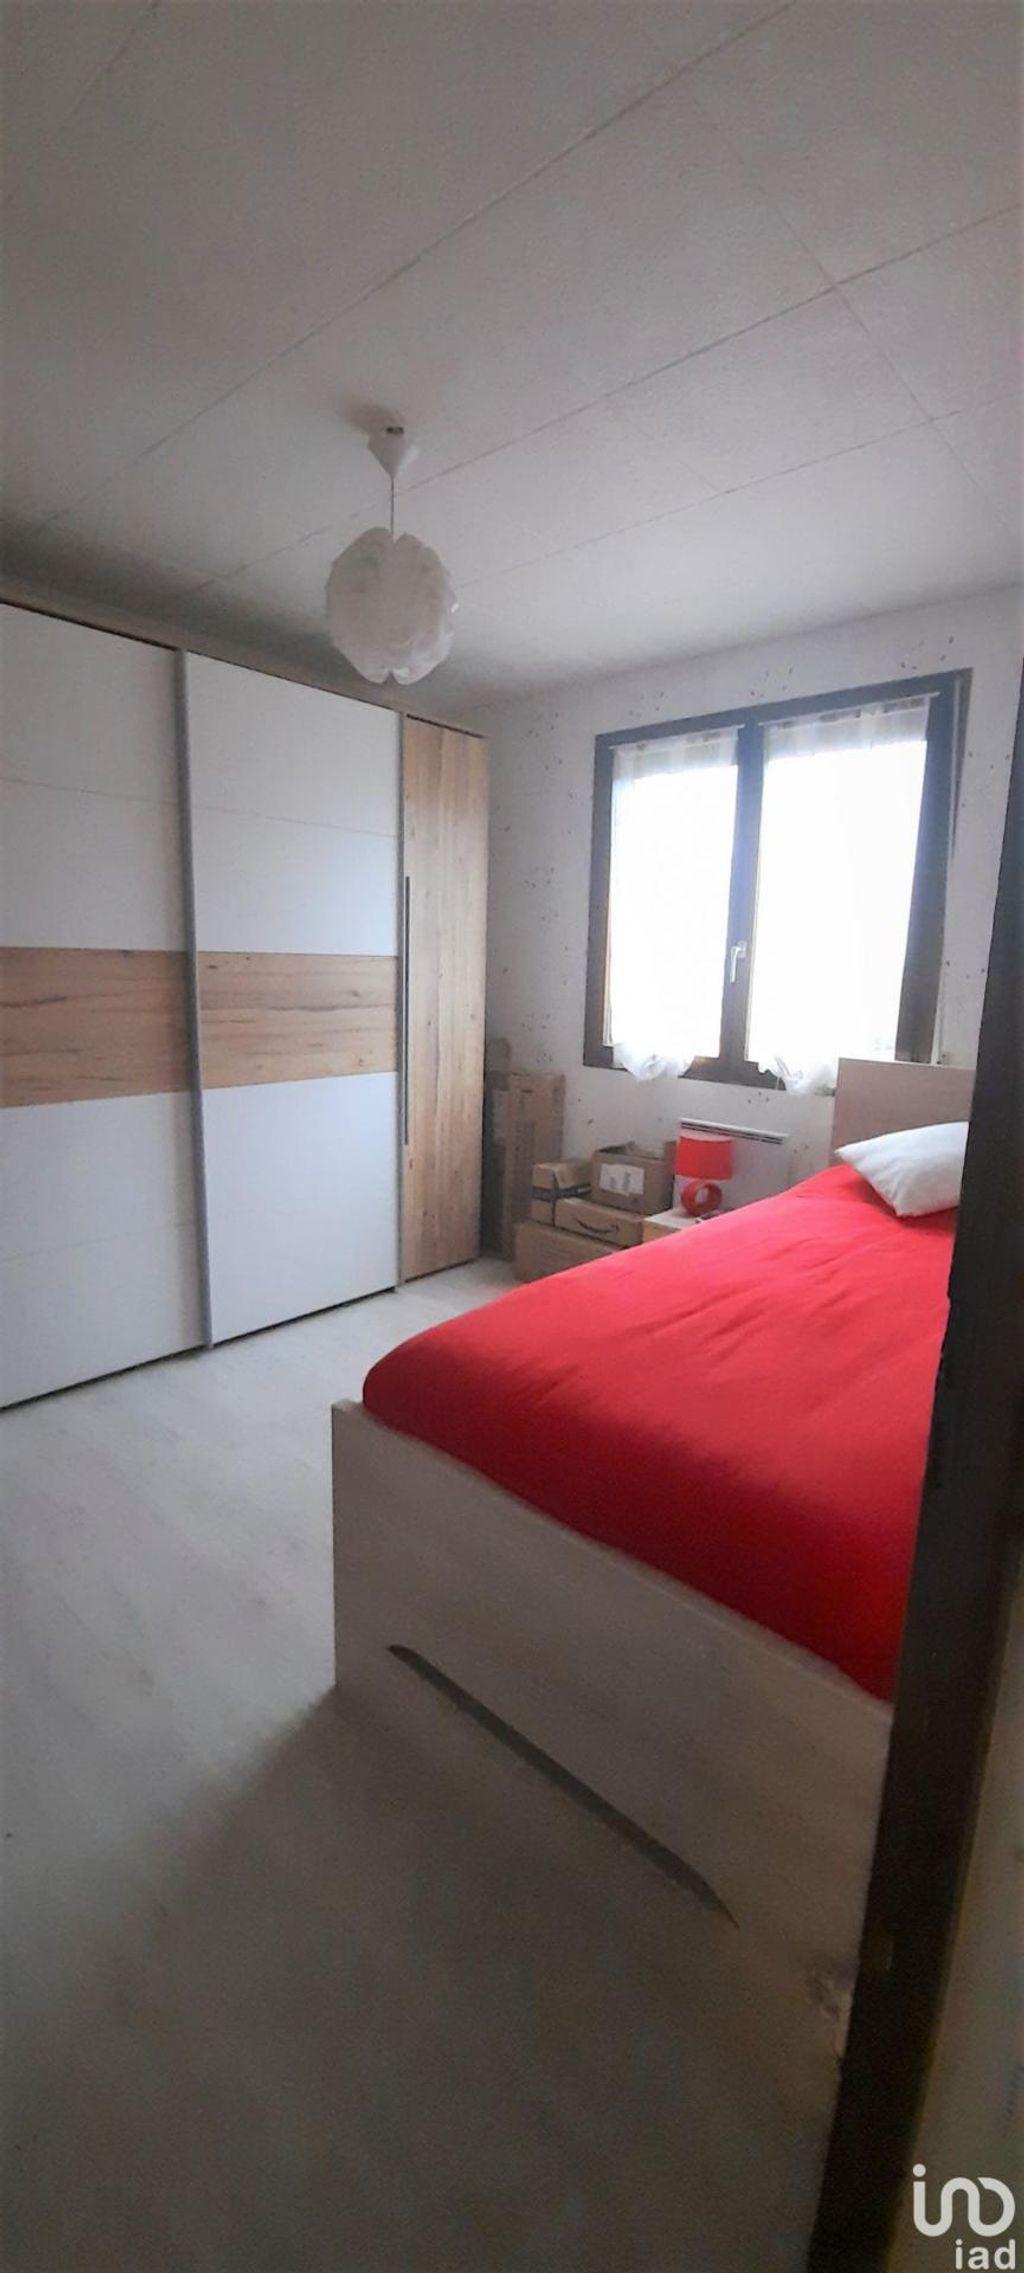 Achat maison 5 chambre(s) - Étupes